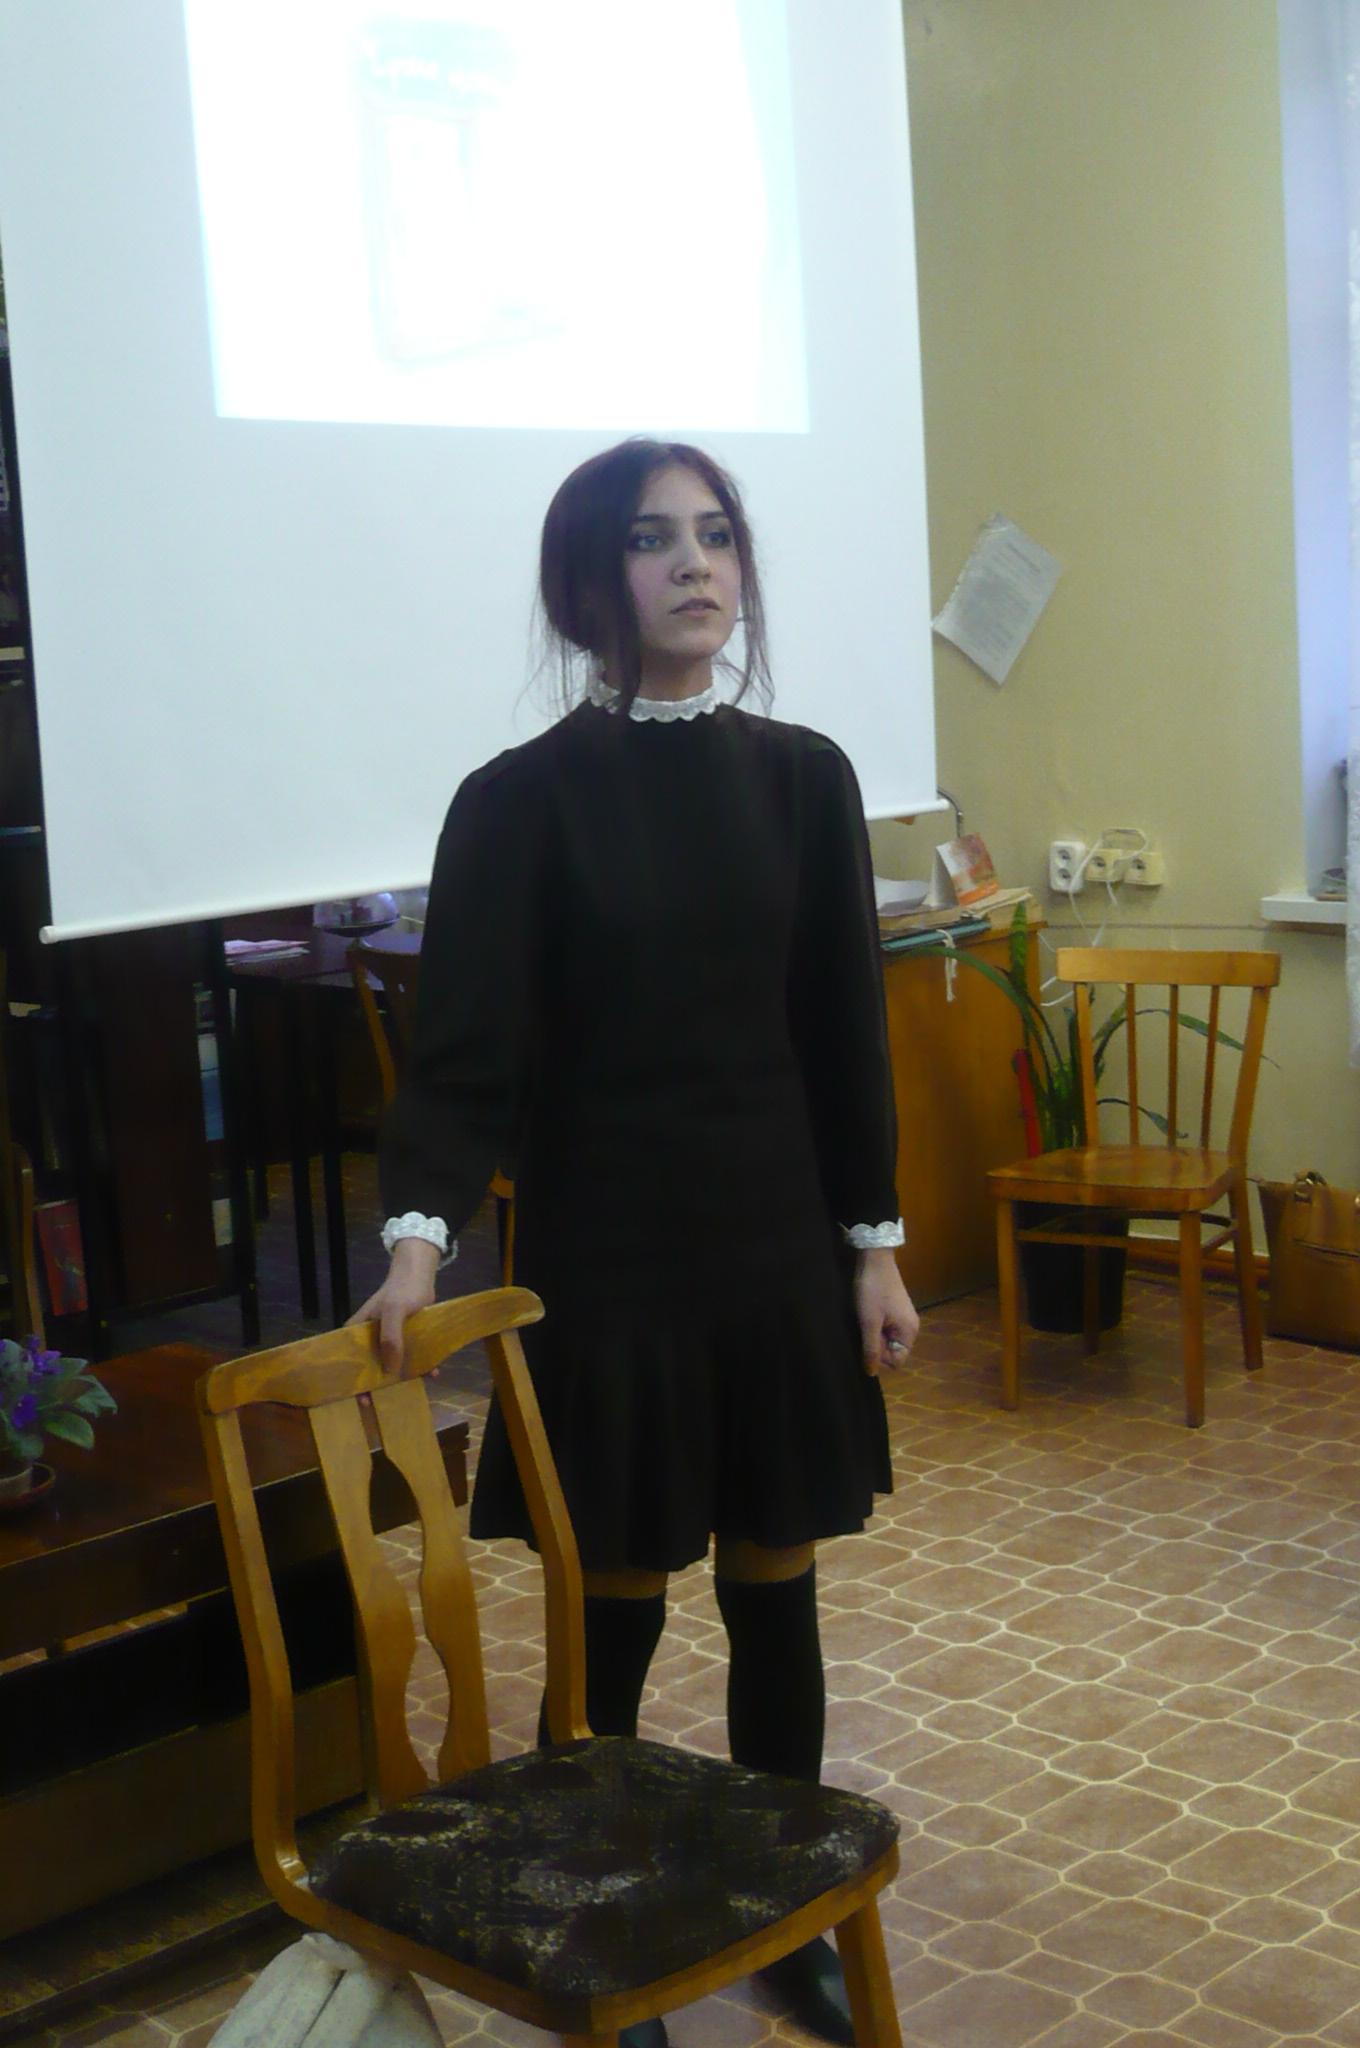 Лиза Лещева, которая очень эмоционально прочитала  отрывок из повести «Чучело».